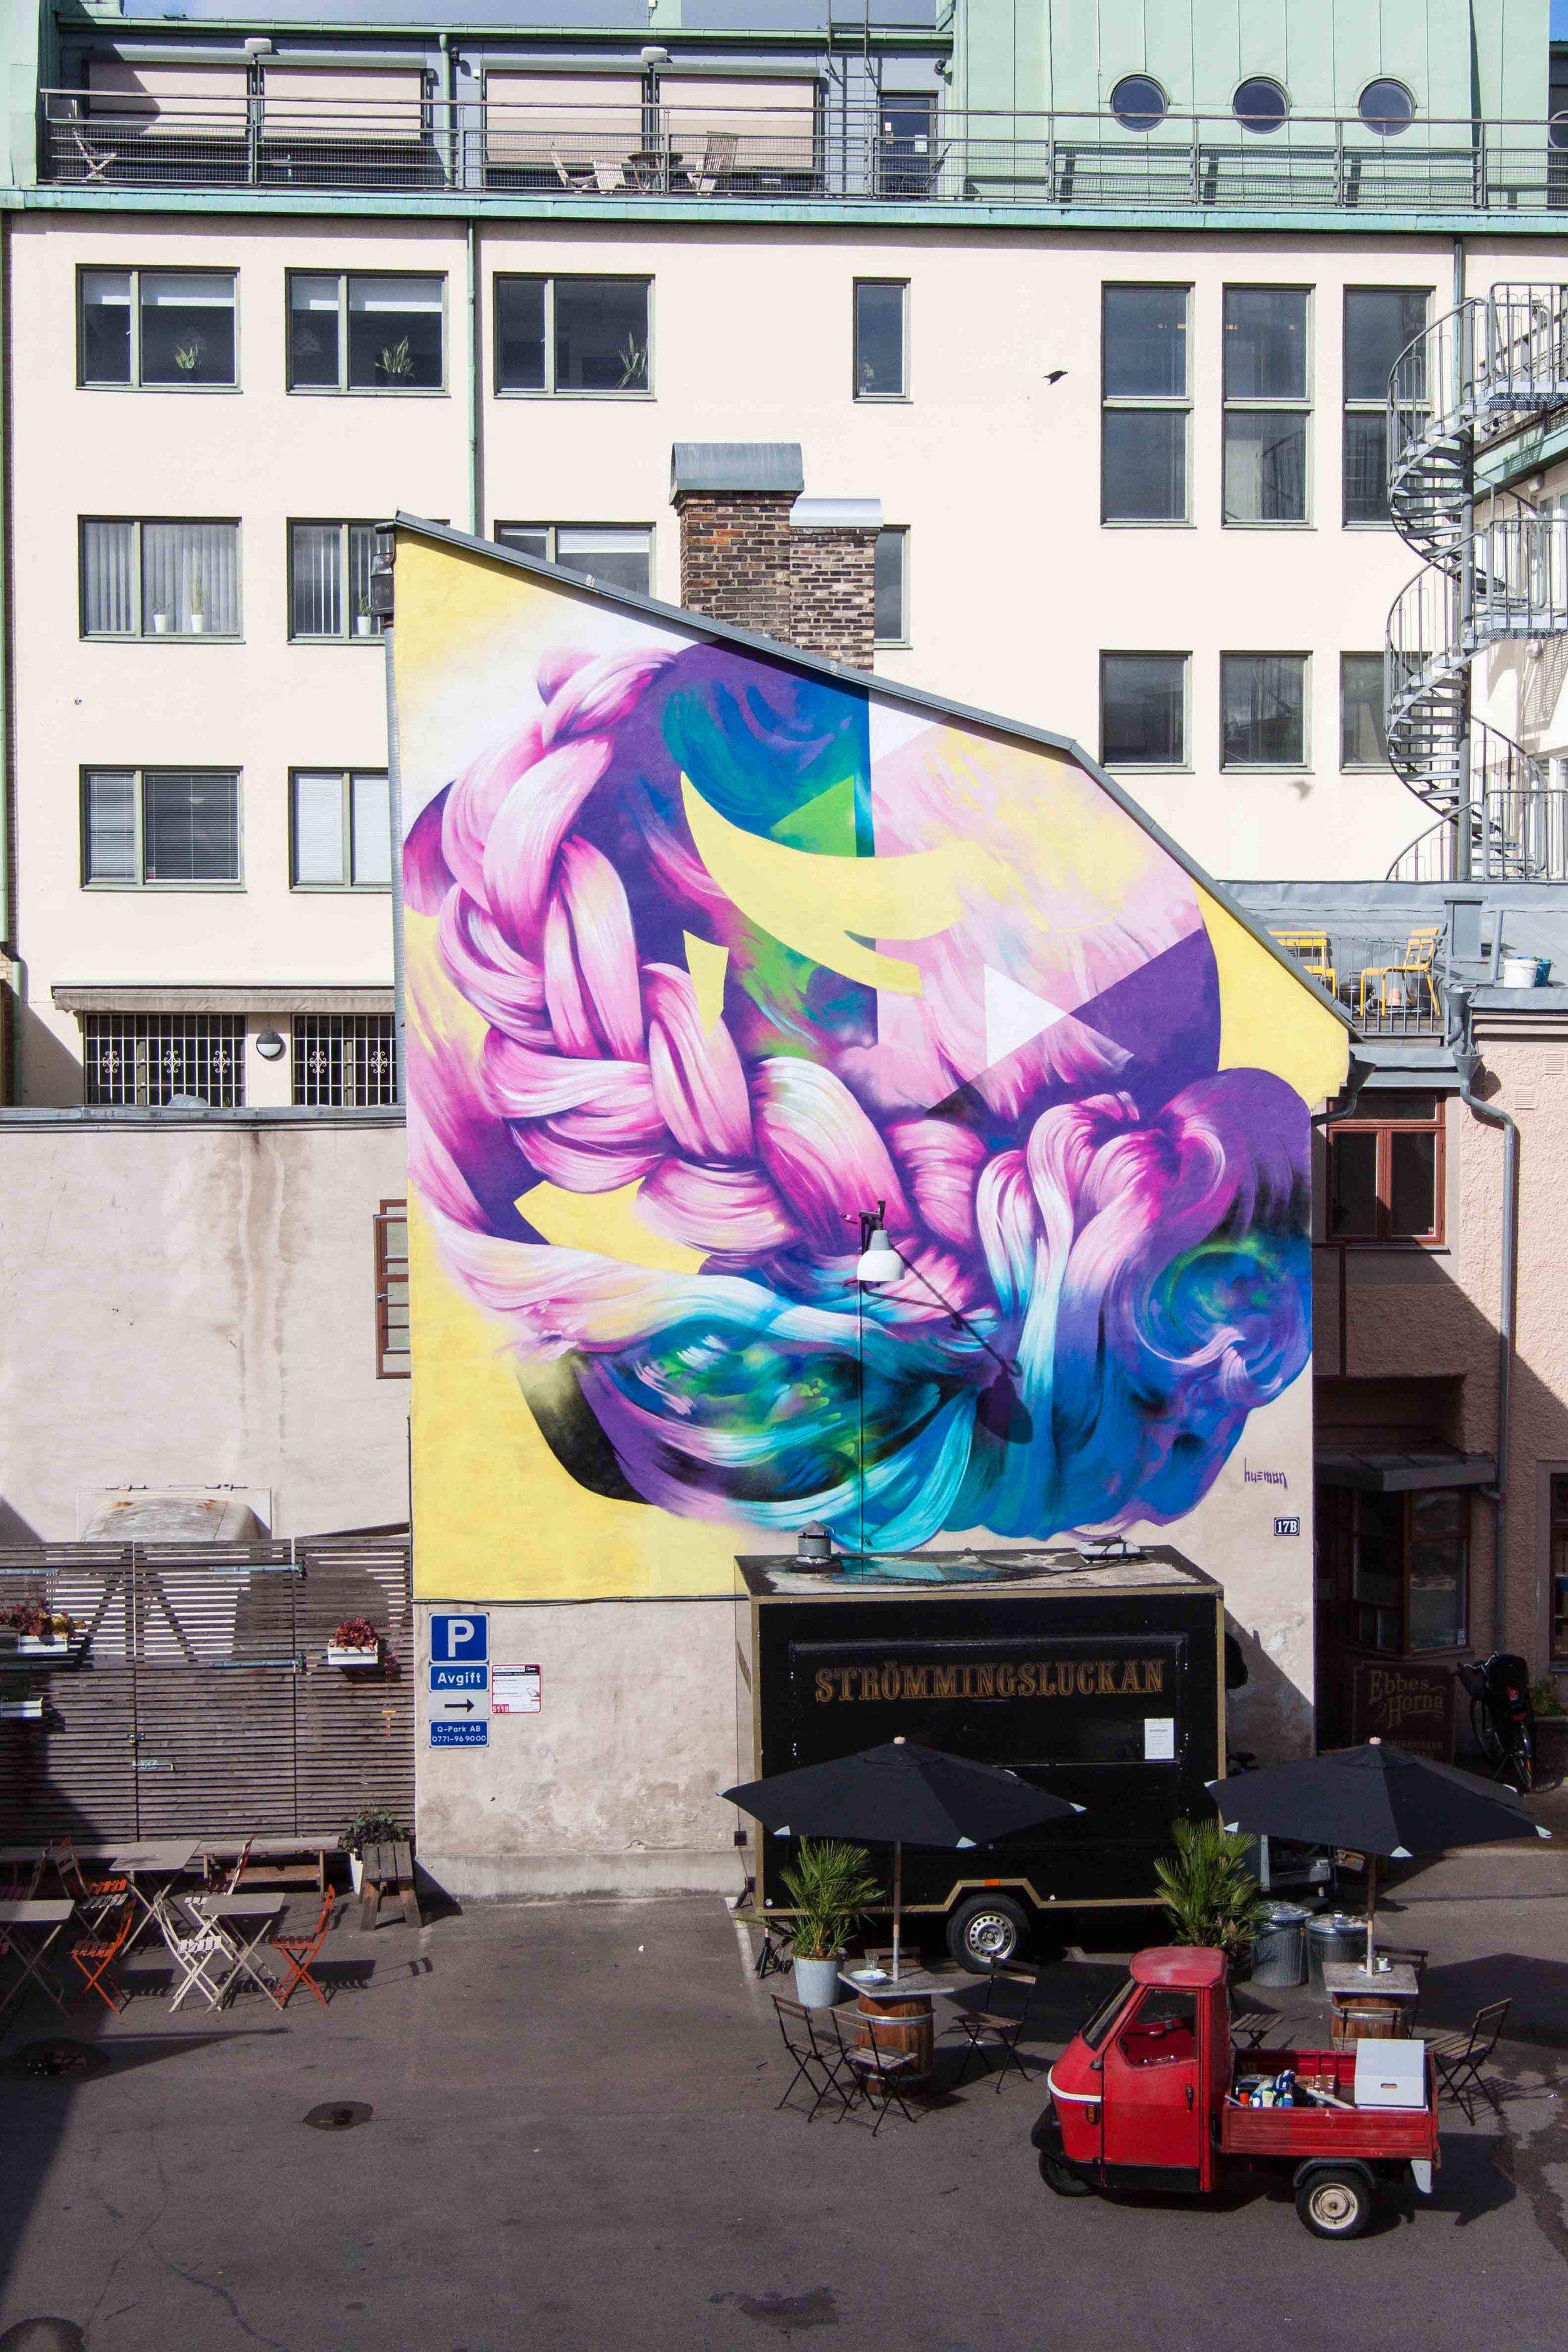 HUEMAN_Artscape_2016-08_05_FredrikÅkerberg_3168x4752_43.jpg